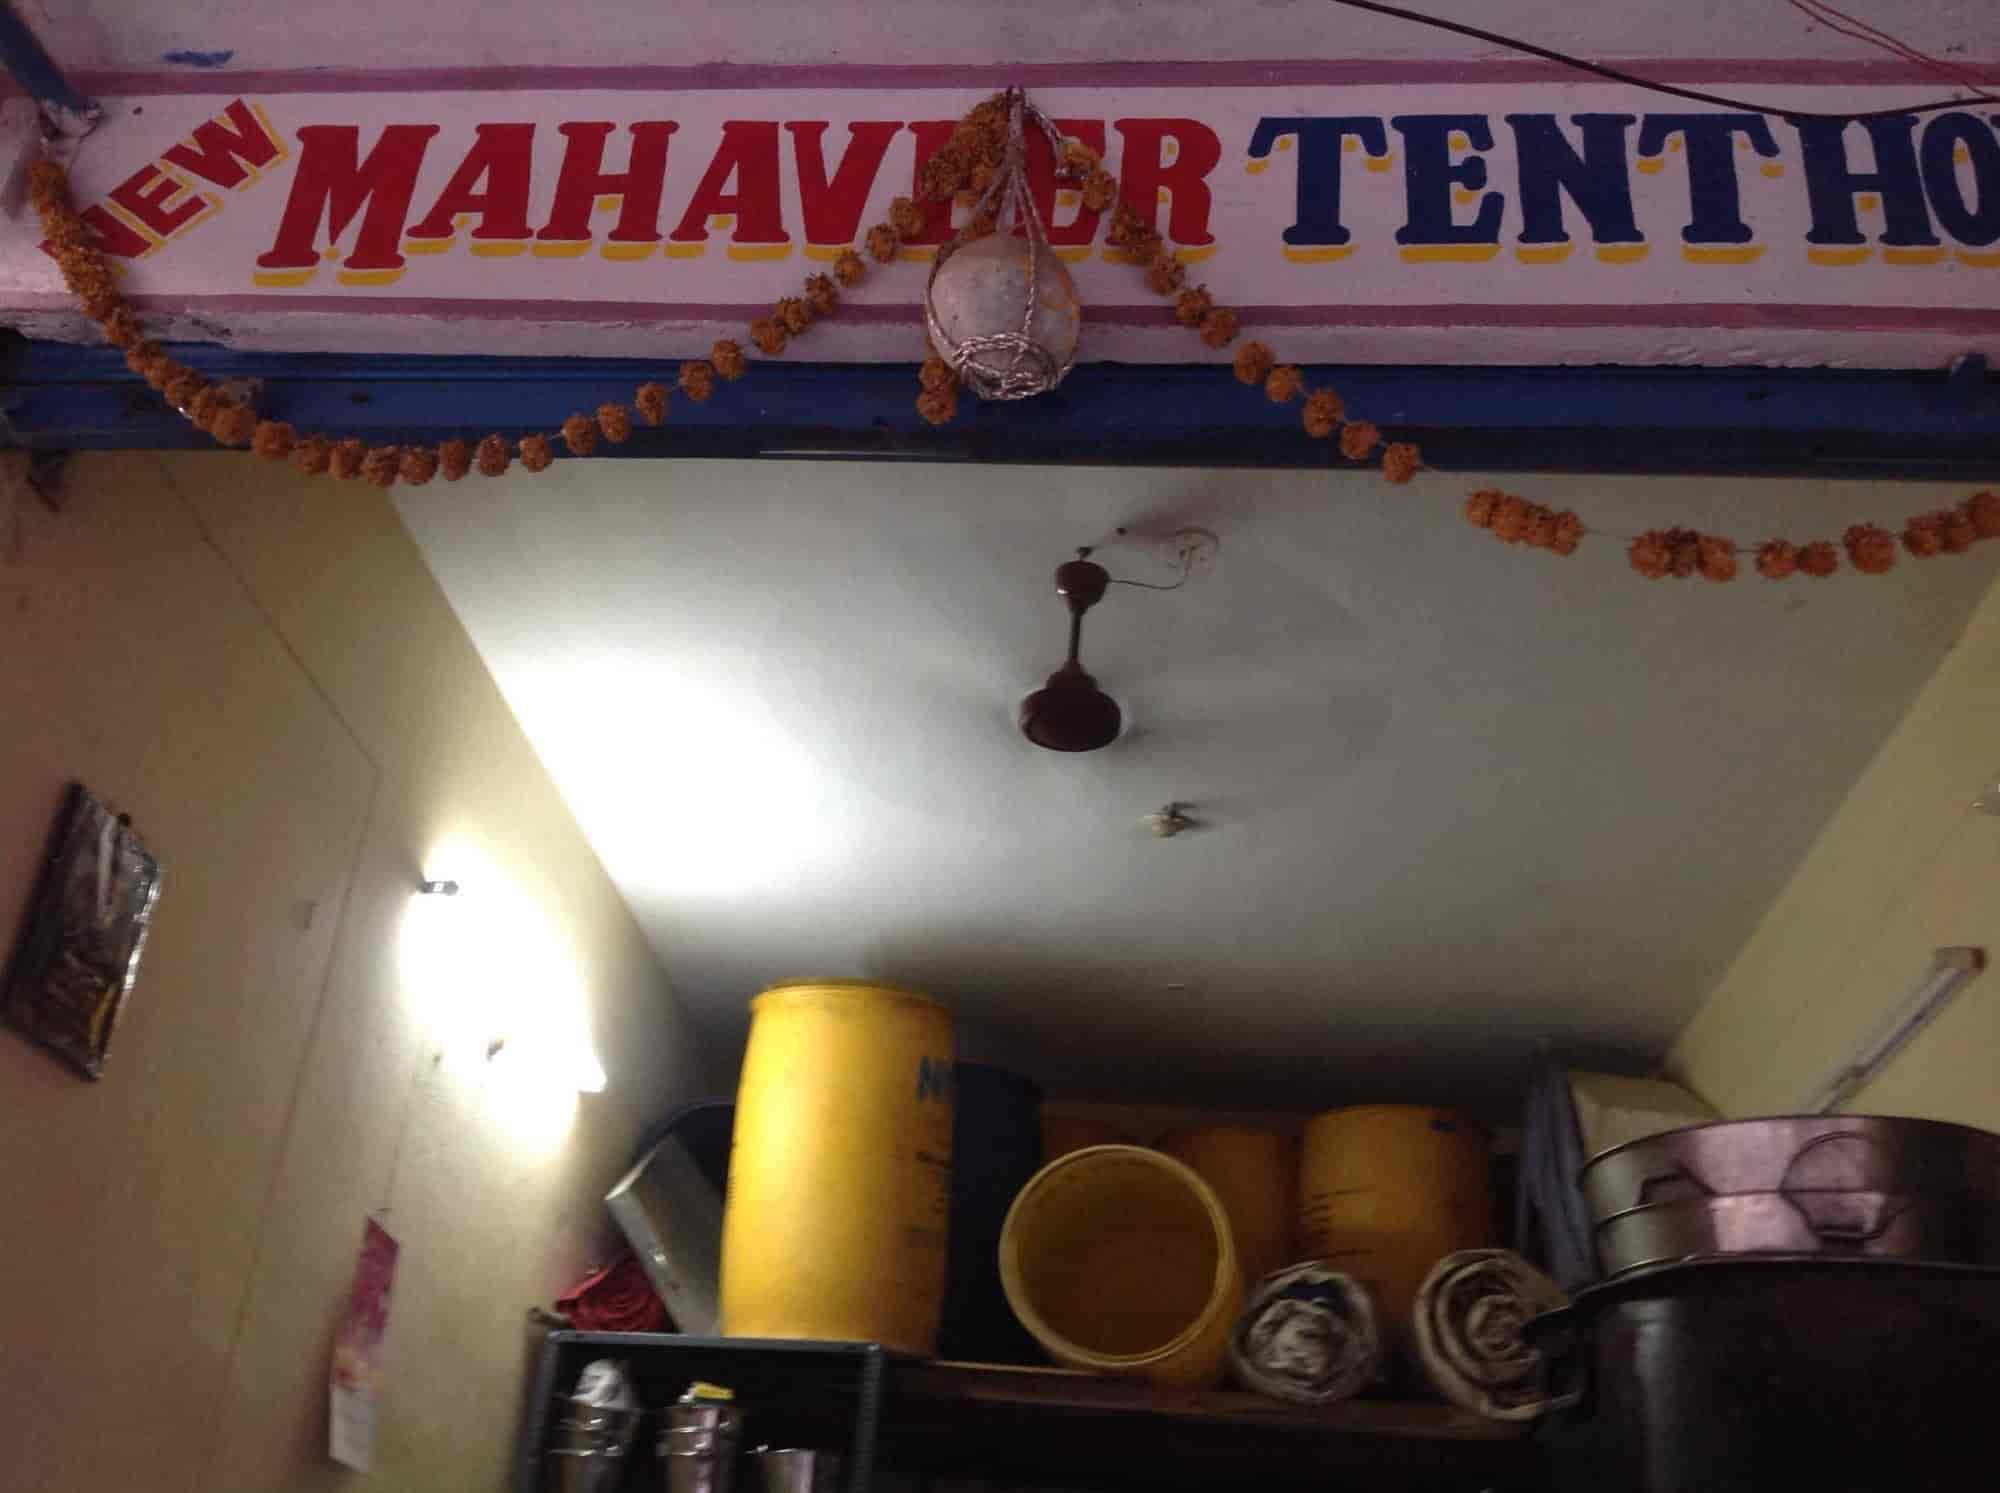 New Mahaveer Tent House Photos Asif Nagar Hyderabad - Tent House ... & New Mahaveer Tent House Photos Asif Nagar Hyderabad- Pictures ...